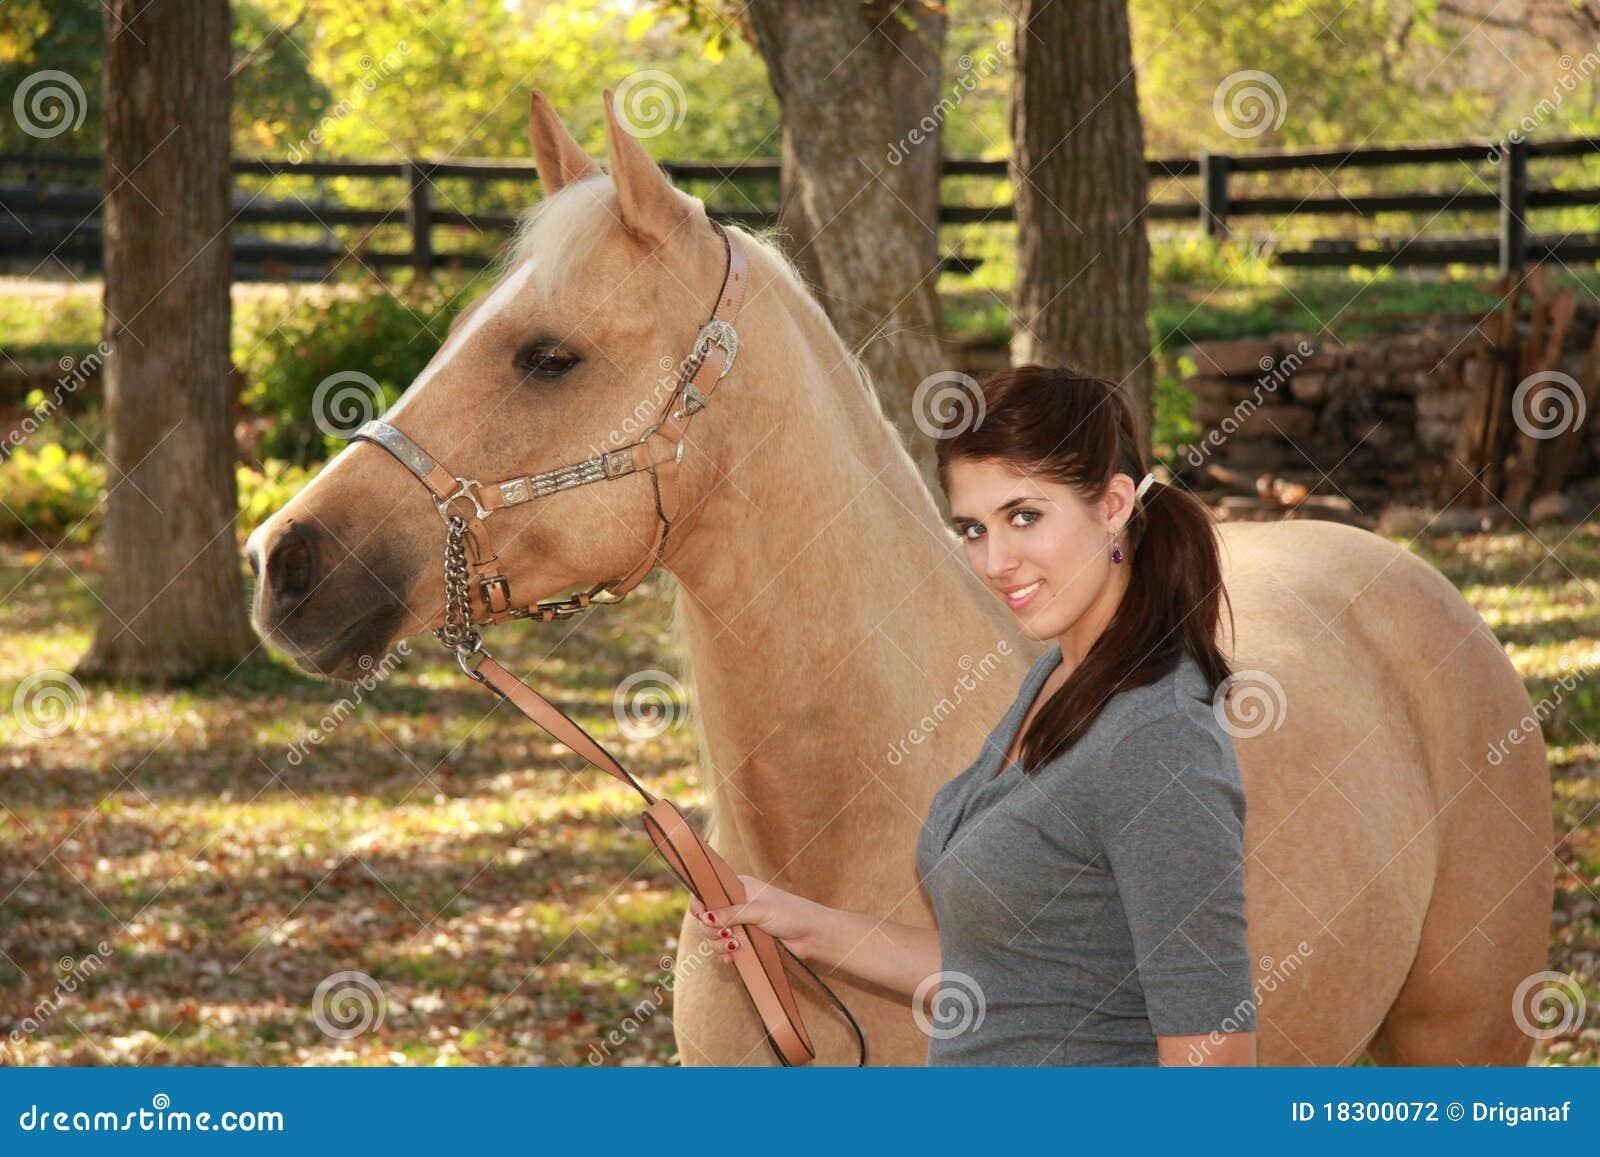 Sch nes m dchen mit palomino pferd stockfotografie bild